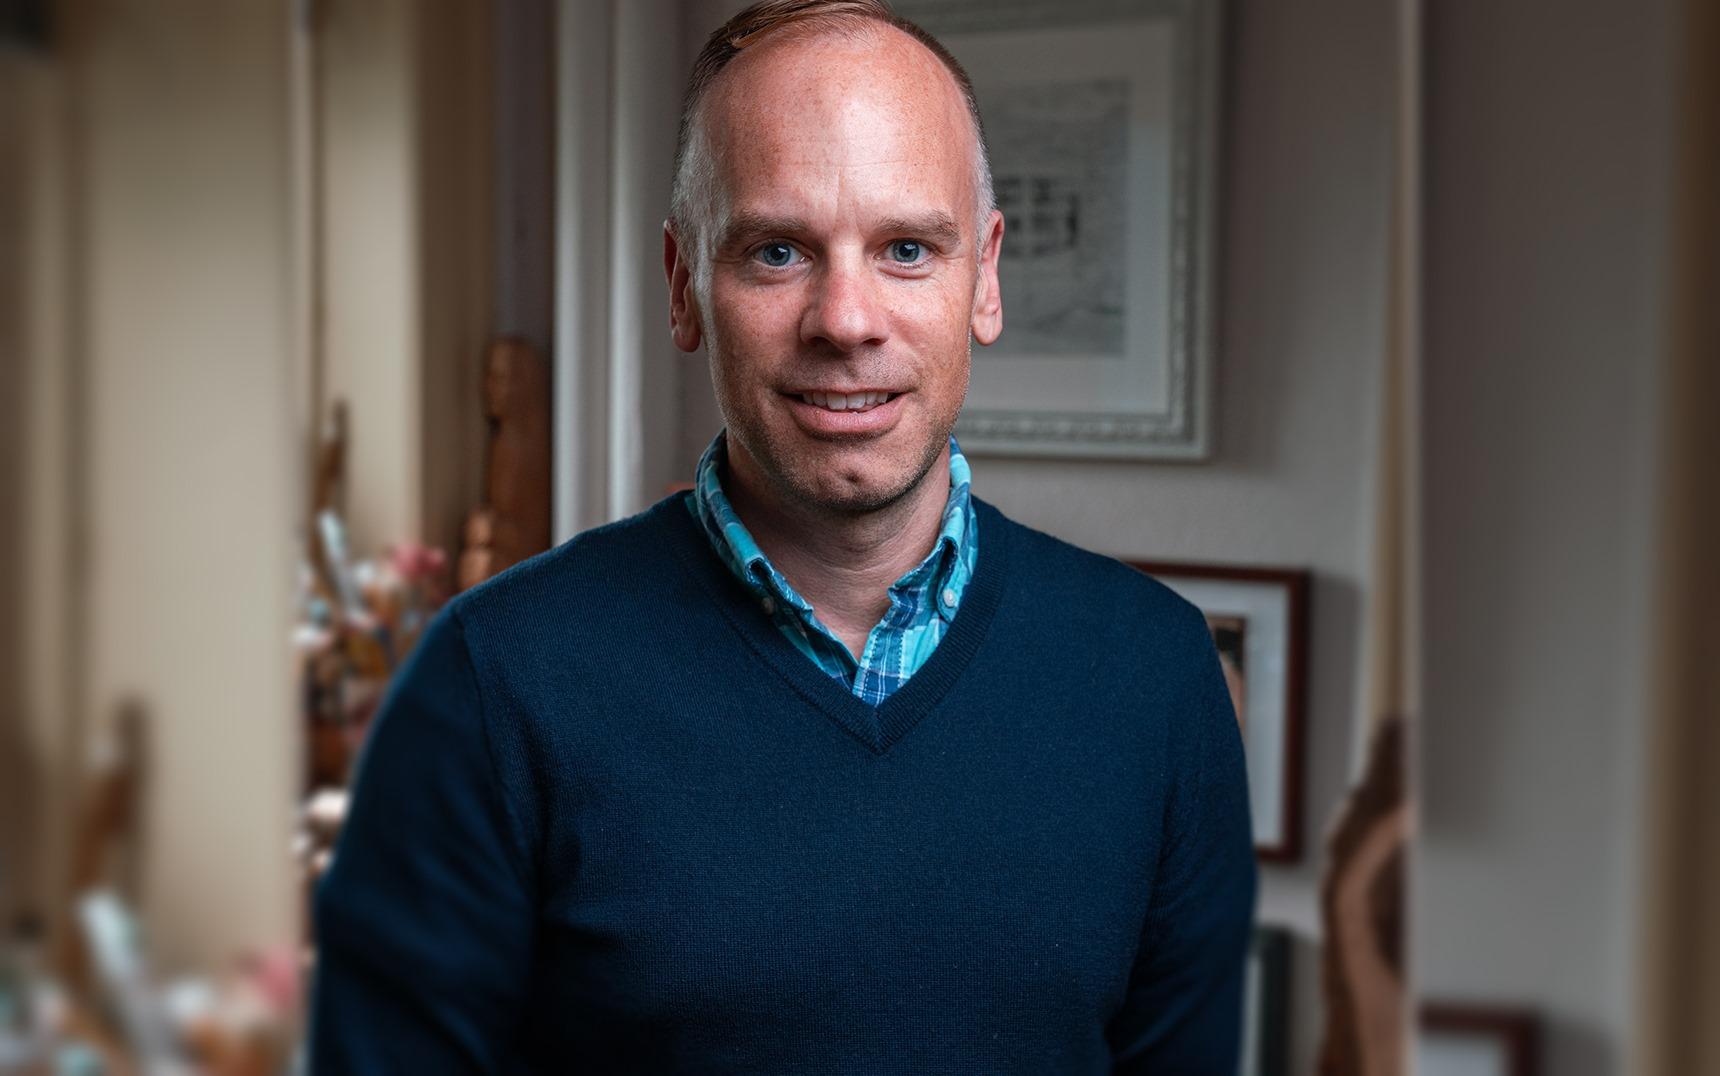 Jeremy Glazier